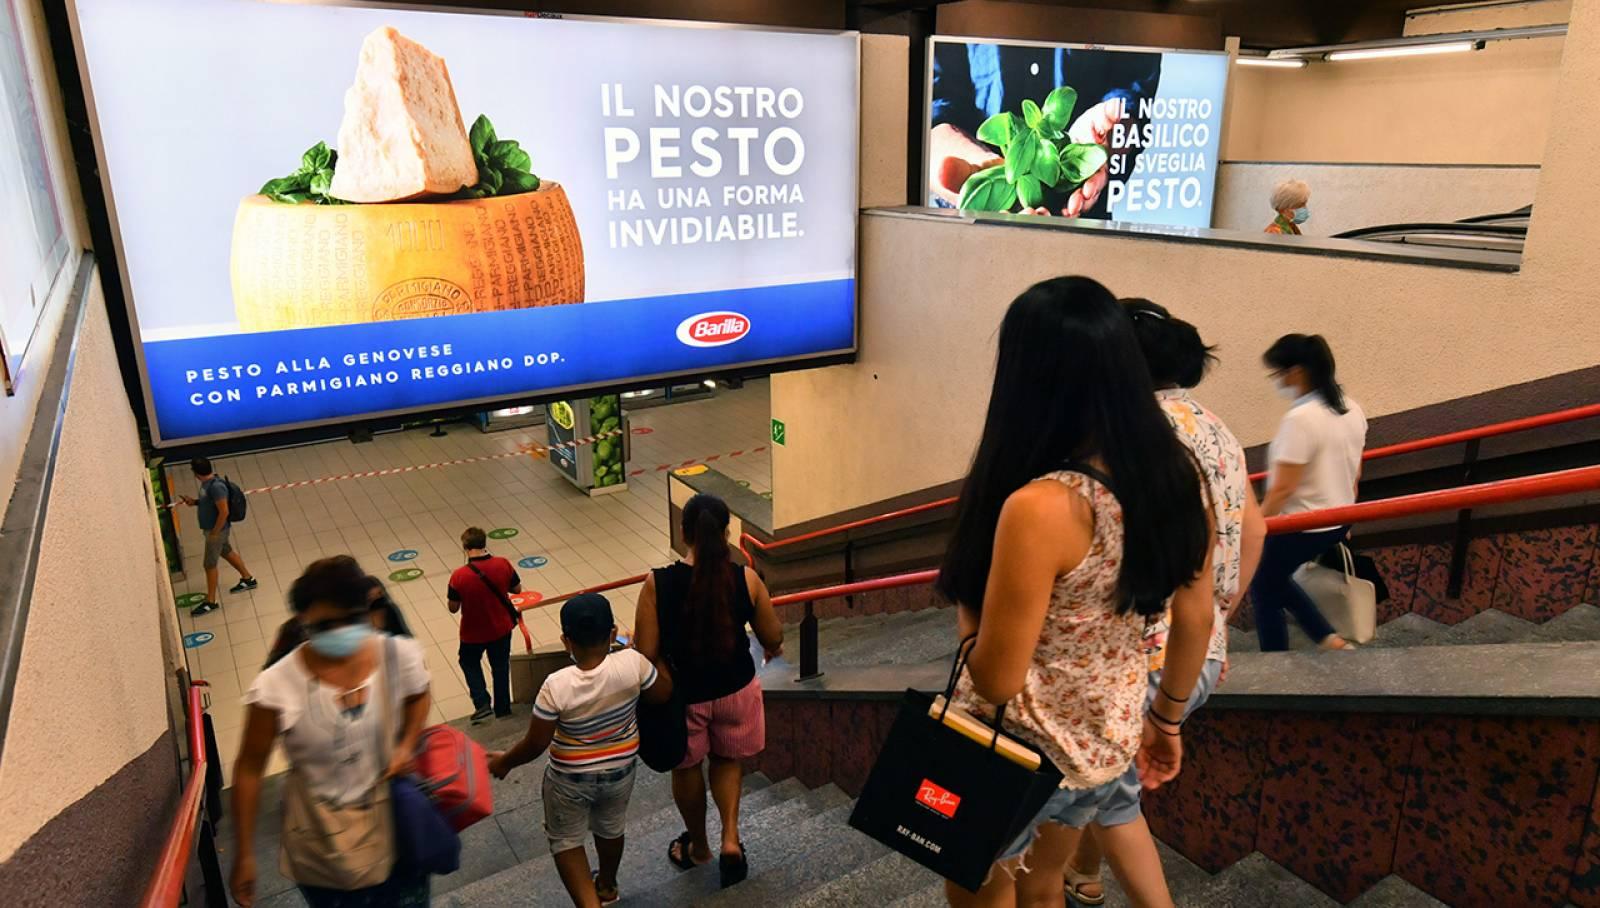 pubblicità OOH a Milano Station Domination IGPDecaux per Barilla